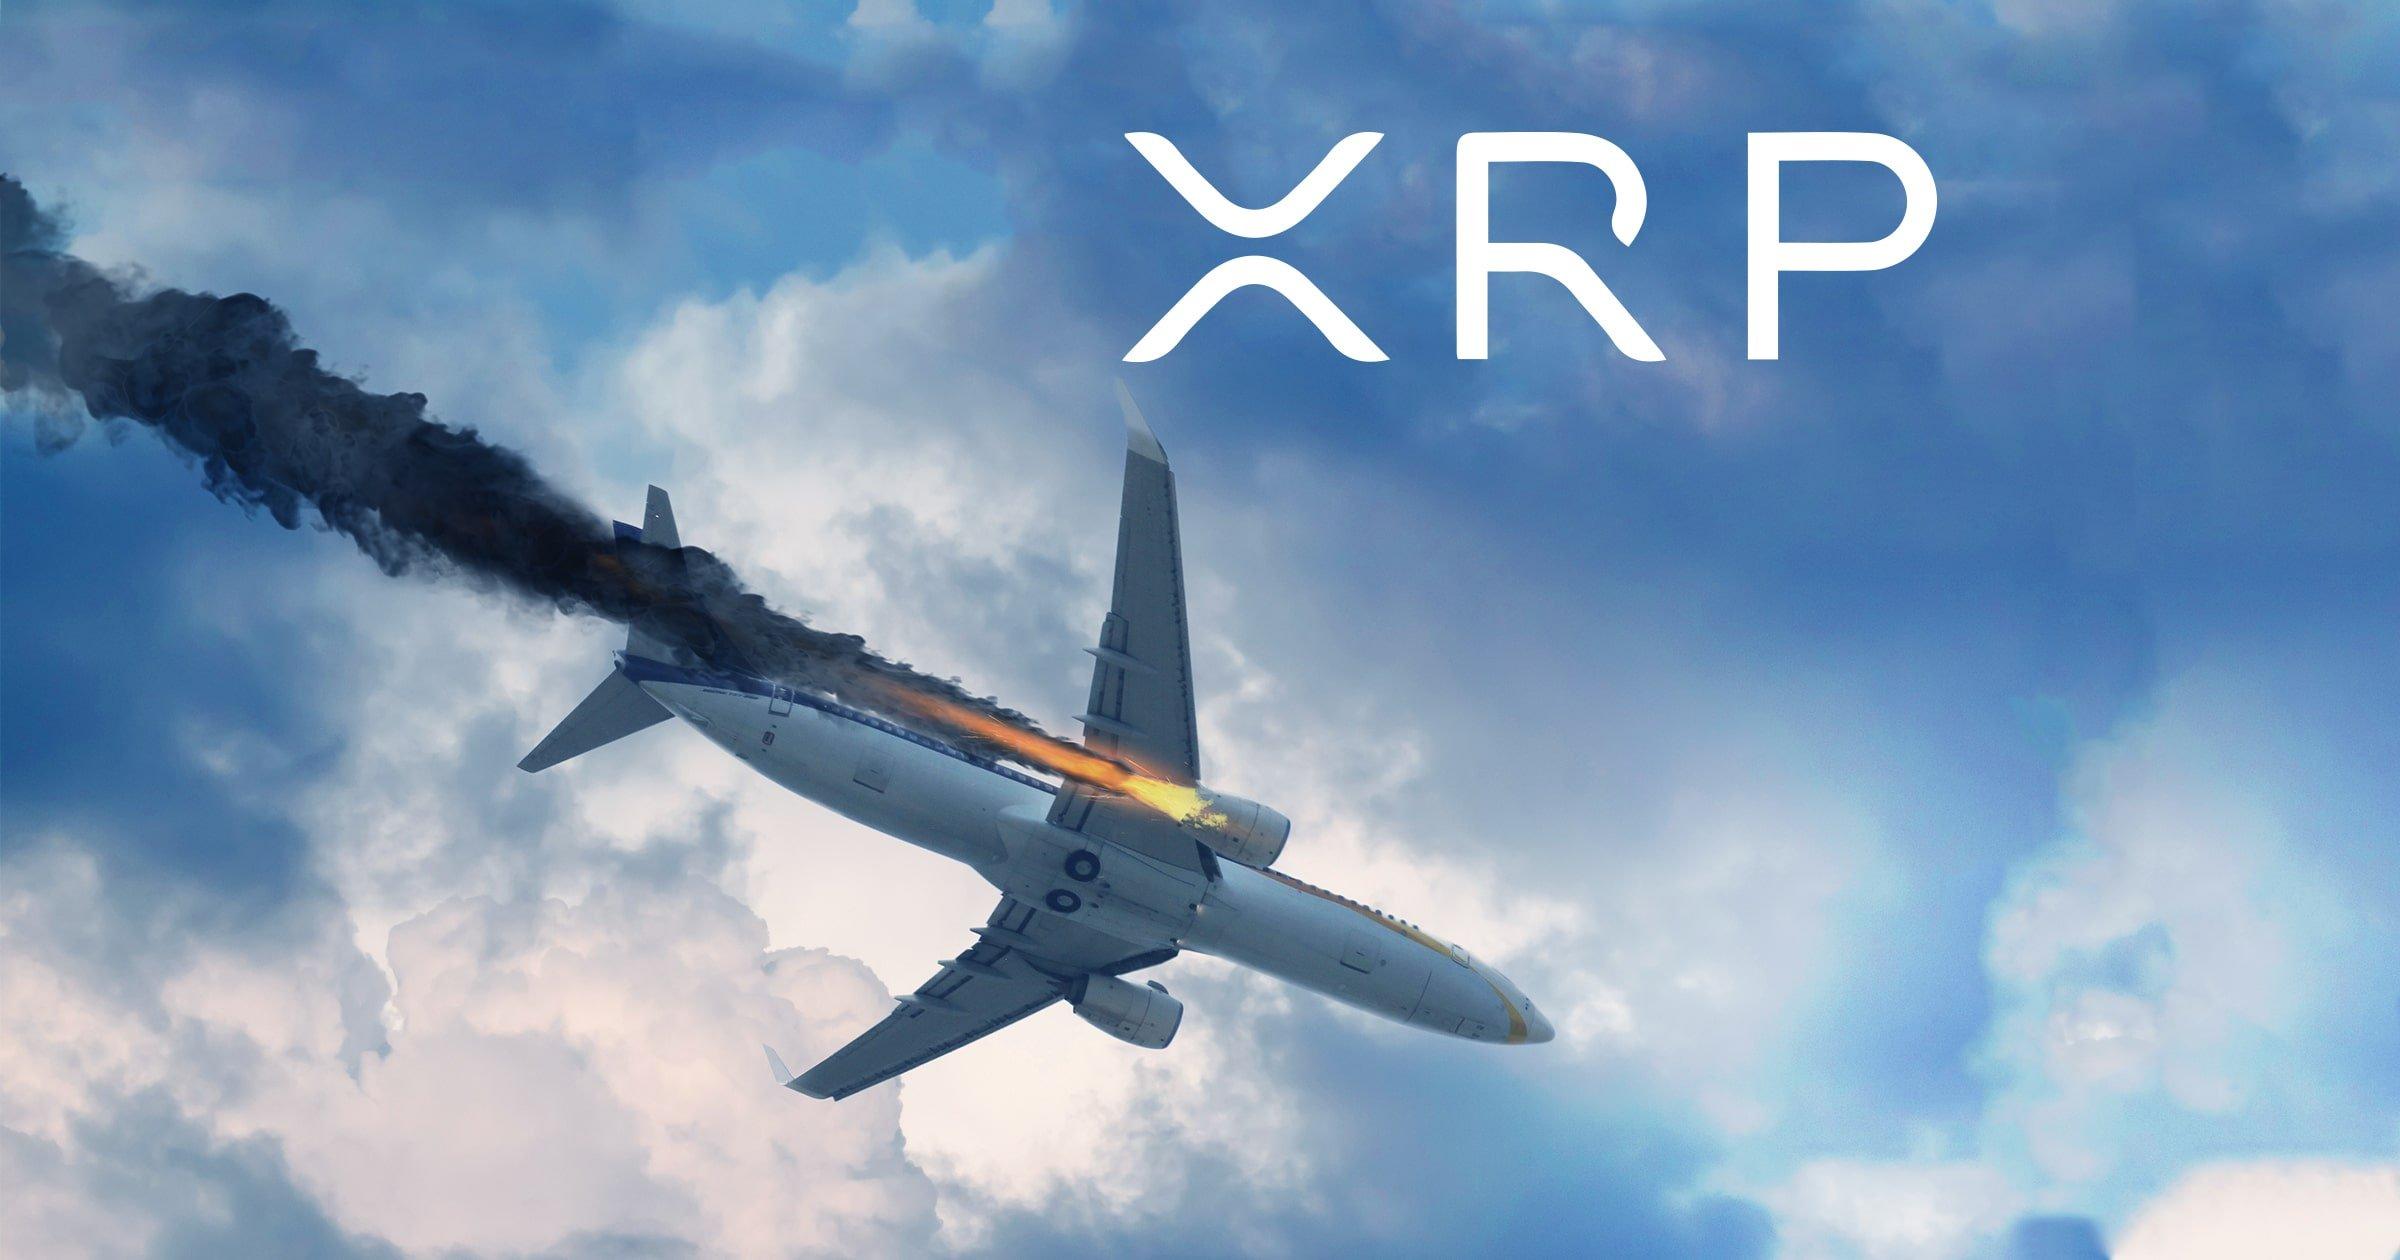 ripple xrp fiyat analizi bu seviyenin uzerinde kalamazsa dusus hizlanabilir